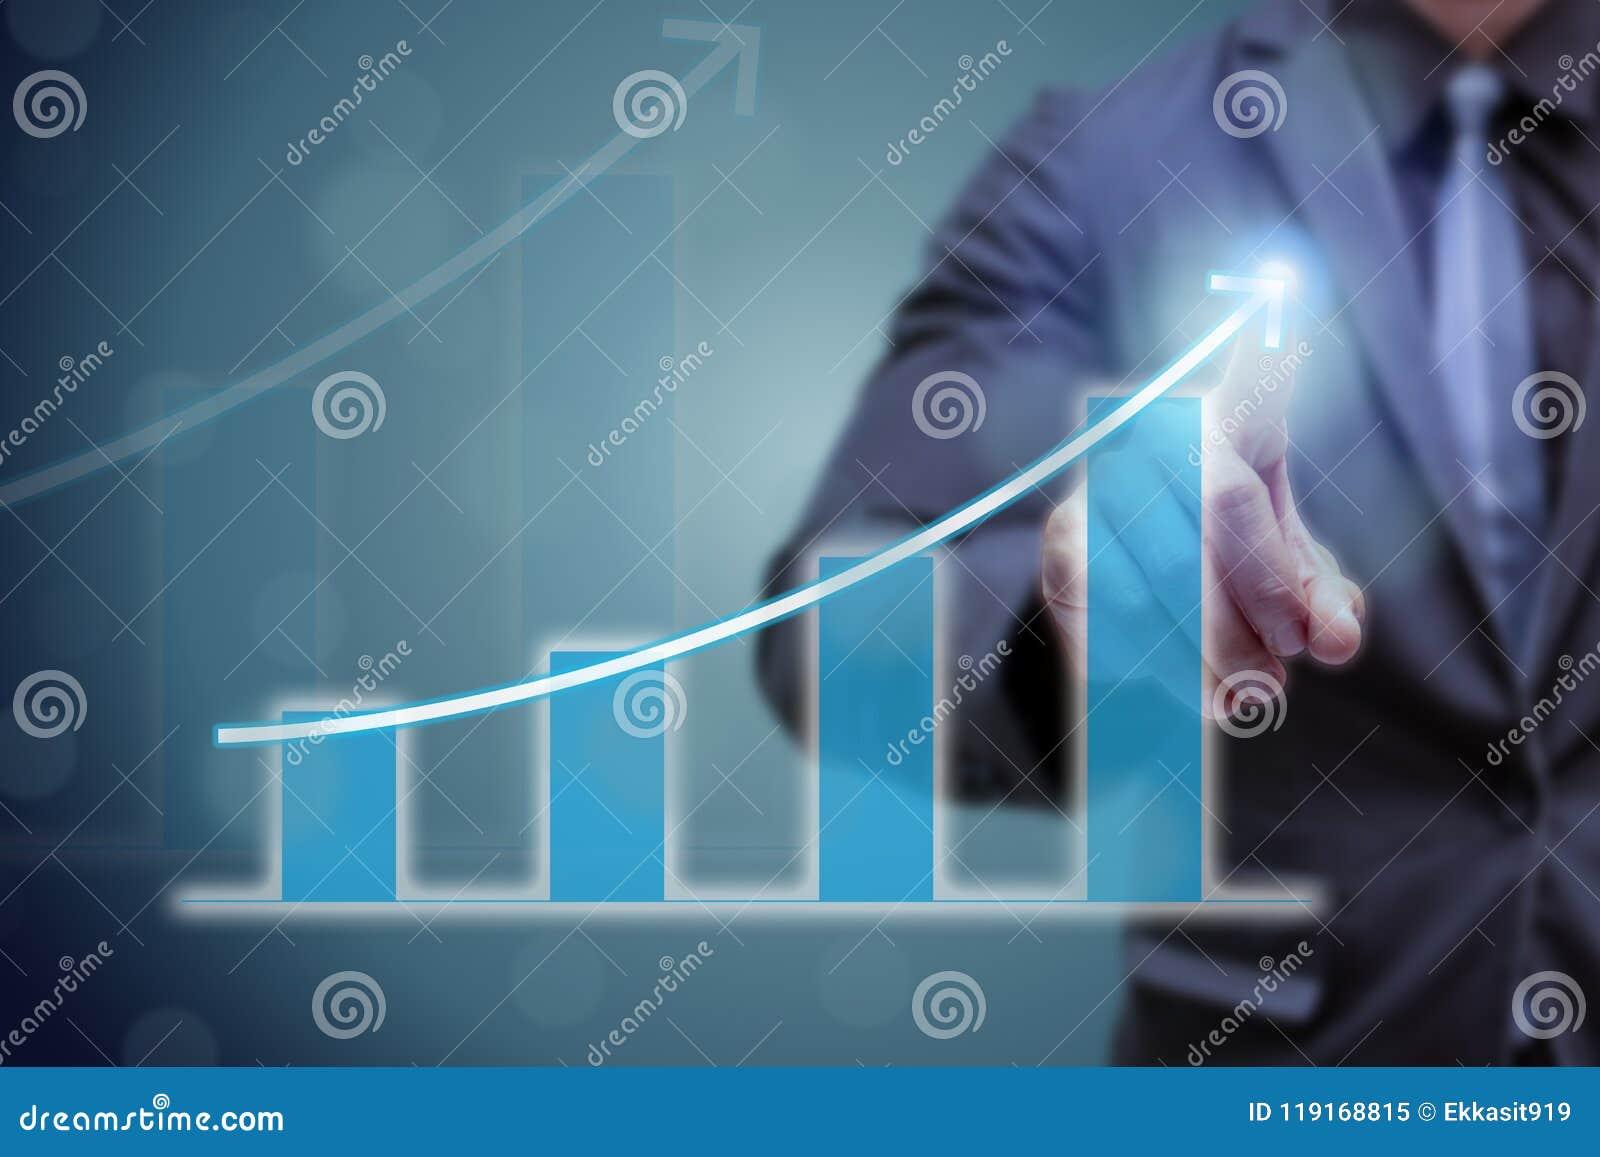 Рука пункта бизнесмена на верхней части диаграммы стрелки с высоким темпом роста Успех и растущая диаграмма роста в компании или